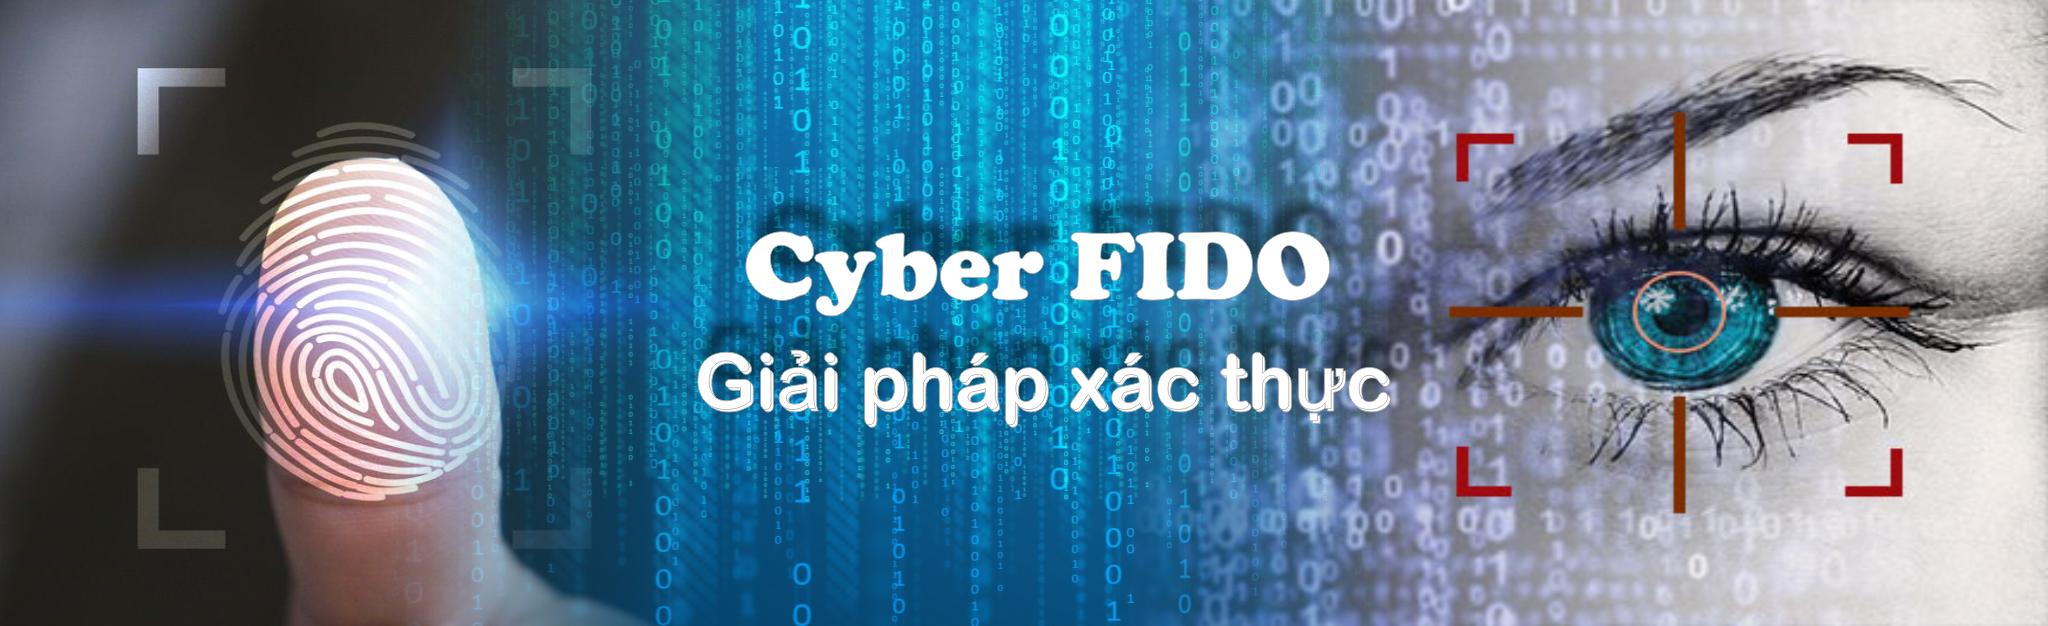 cyberFIDO3